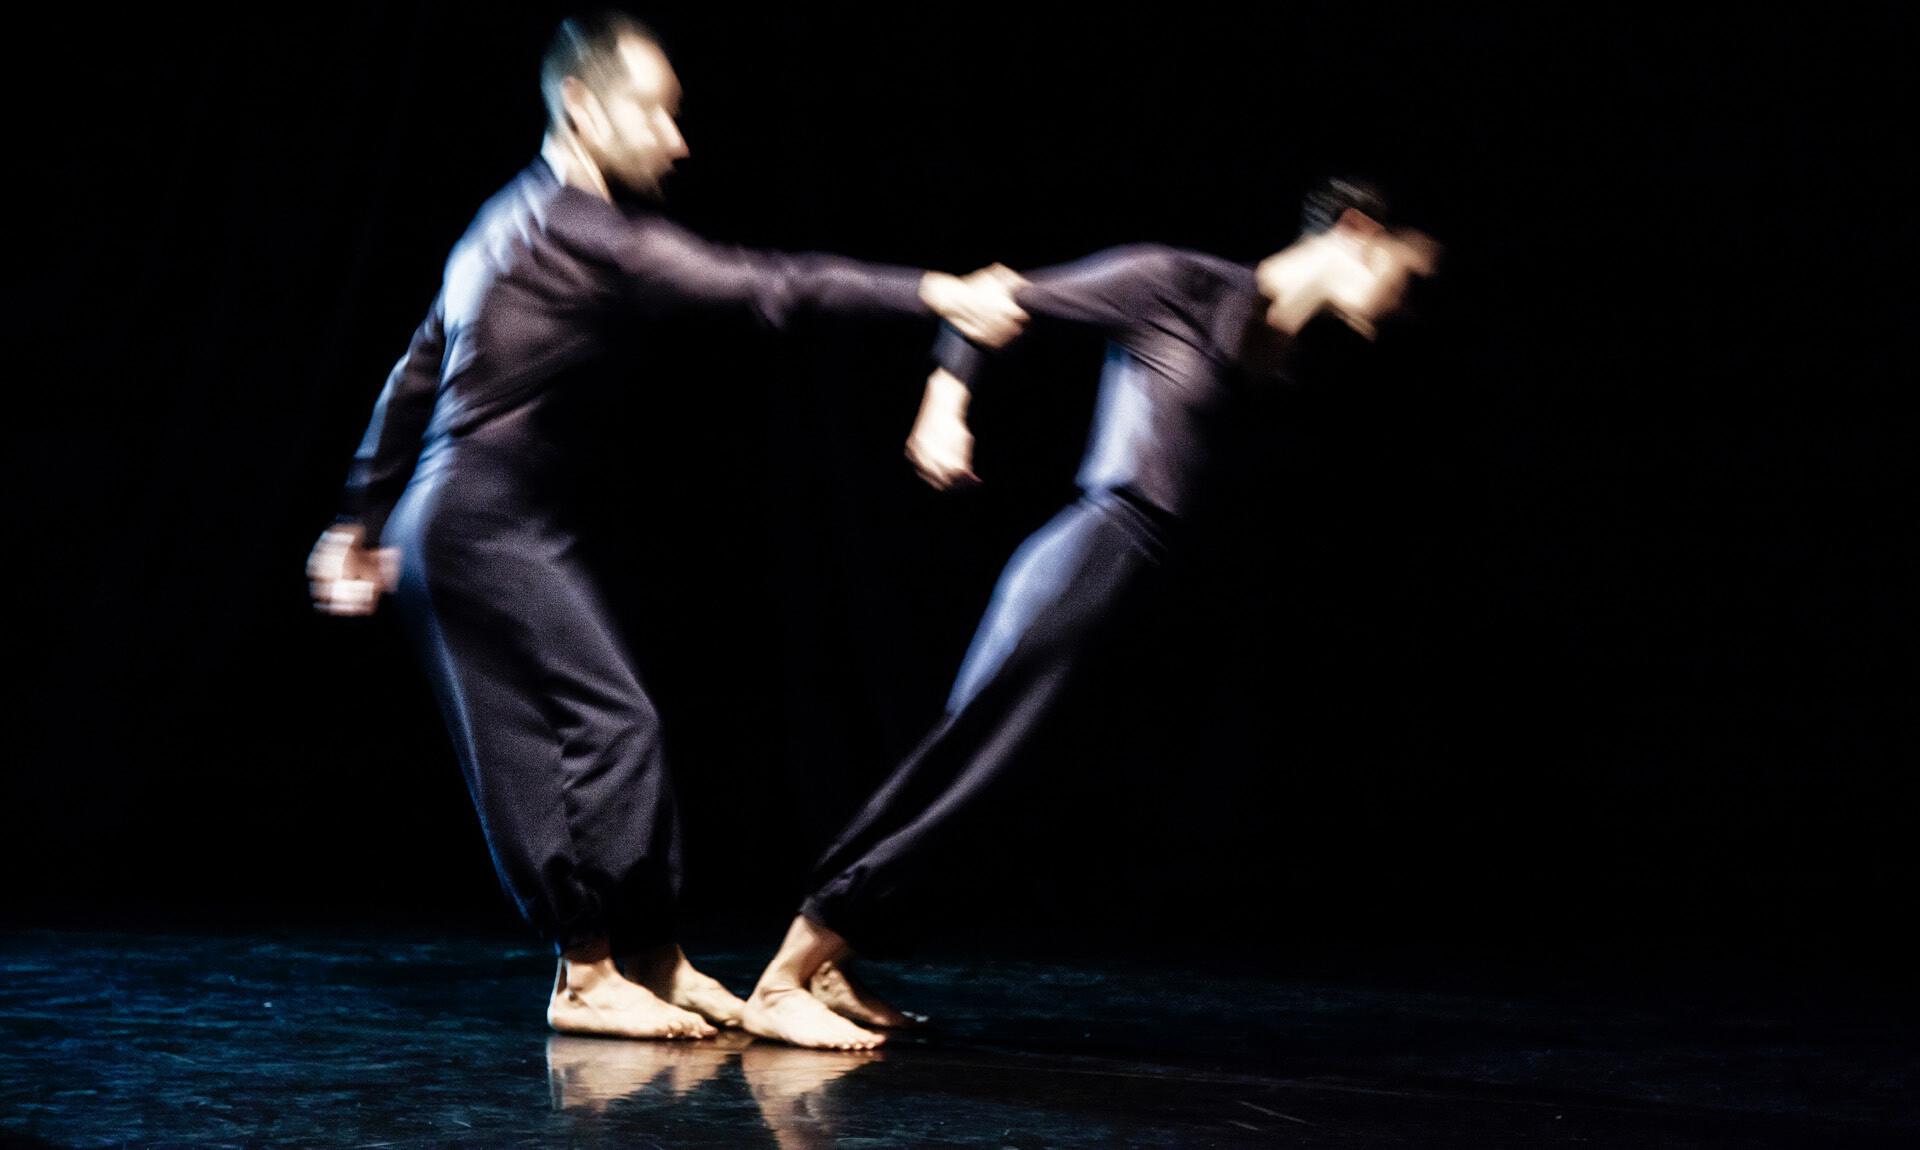 Verdi off:  BARAONDA VERDI  Uno spettacolo di teatrodanza liberamente ispirato alla trilogia popolare verdiana.